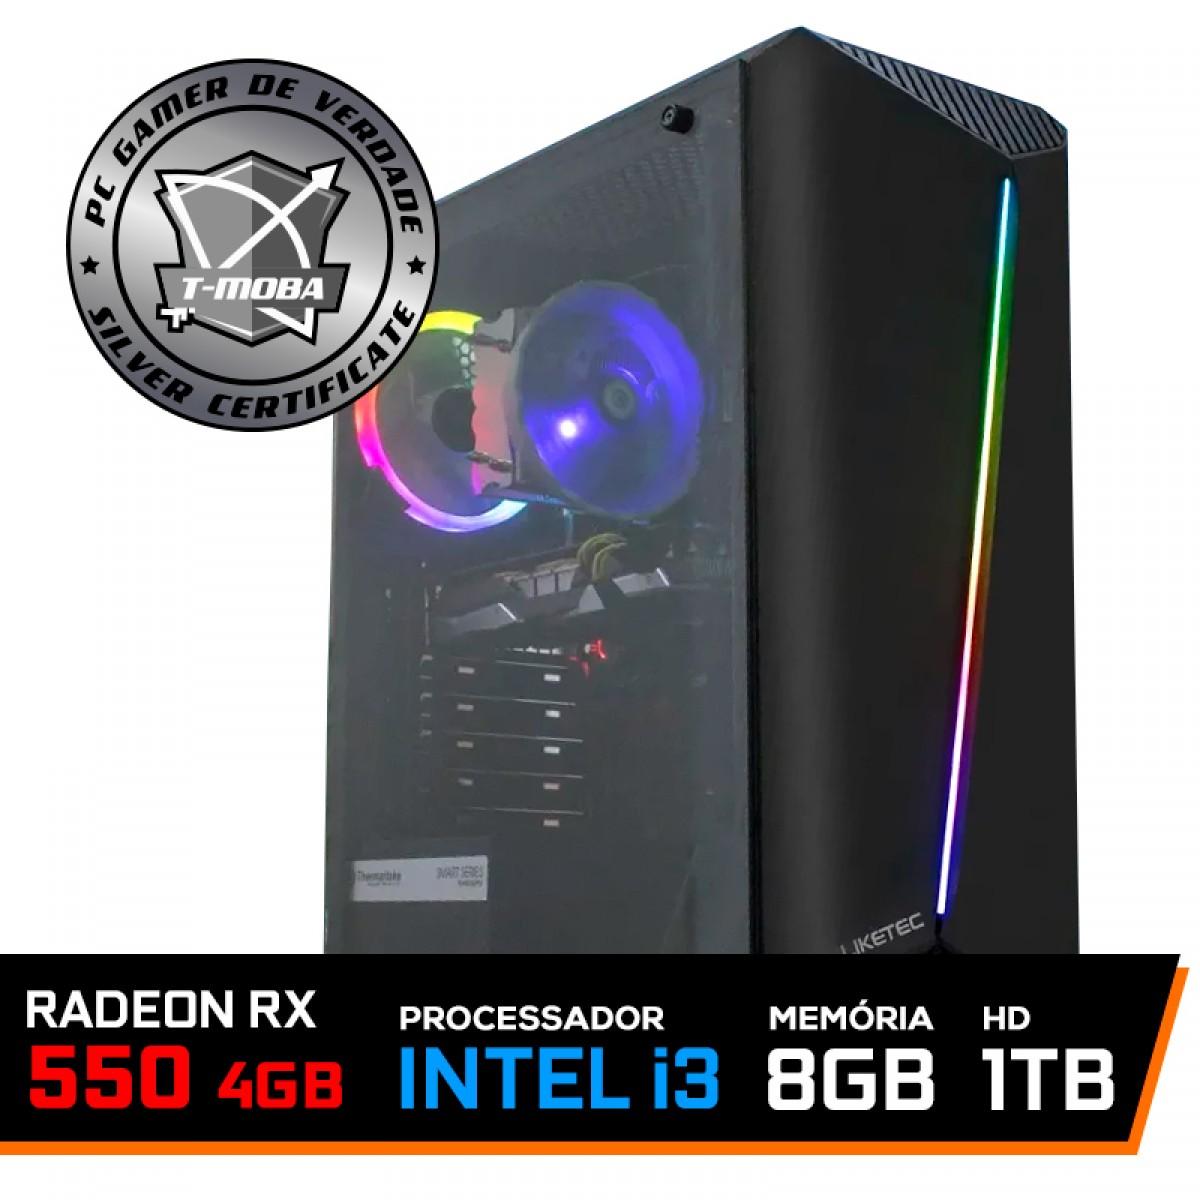 Pc Gamer T-moba Dominator Lvl-4 Intel I3 9100F / Radeon Rx 550 4GB / DDR4 8GB / HD 1TB